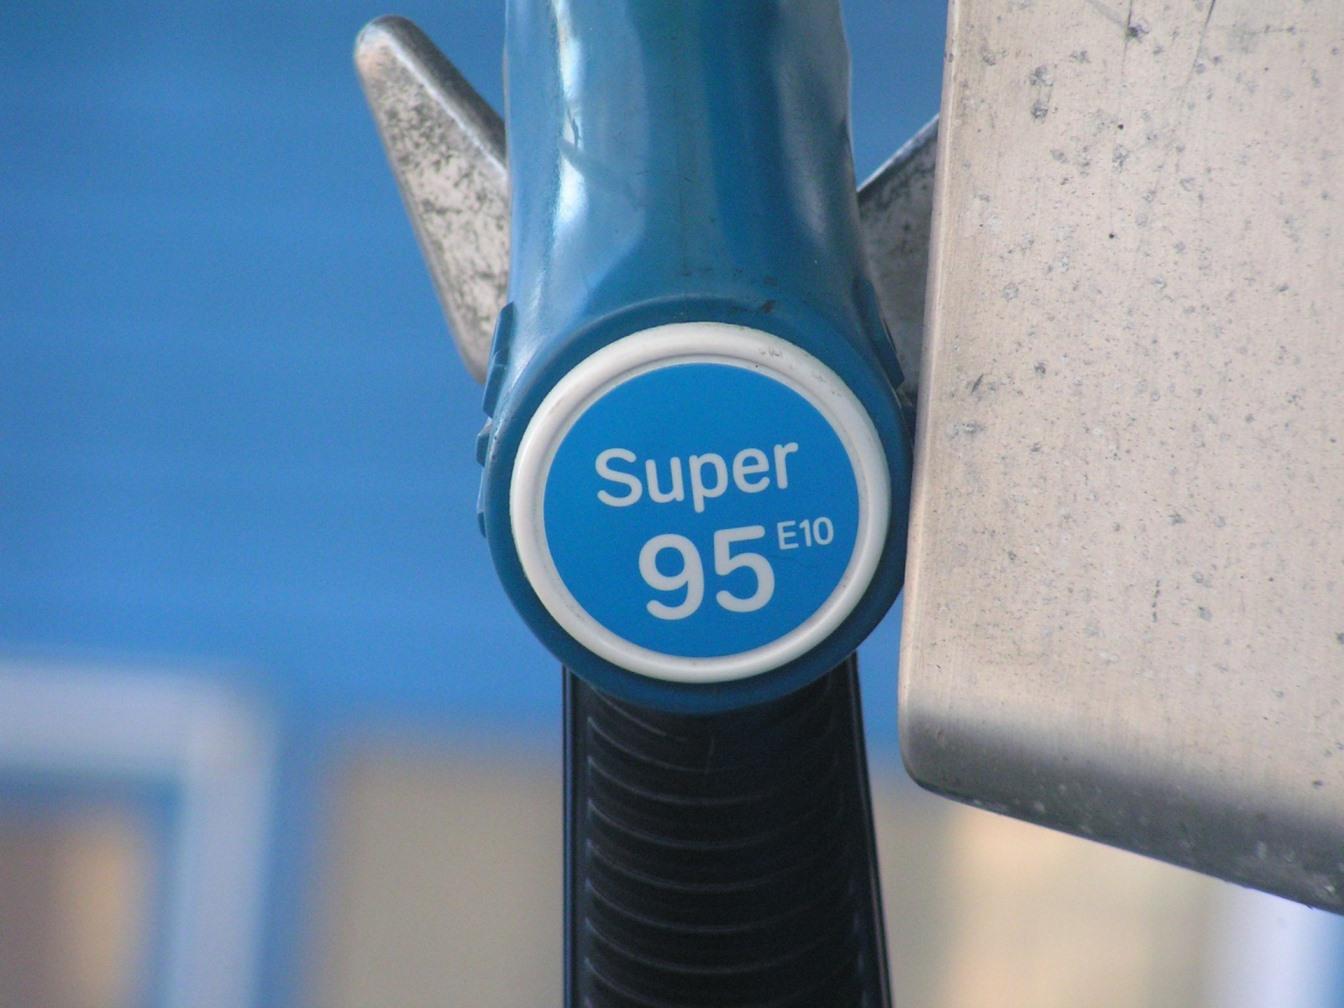 Цена бензина АИ-95 на бирже впервые превысила 60 тыс. рублей за тонну